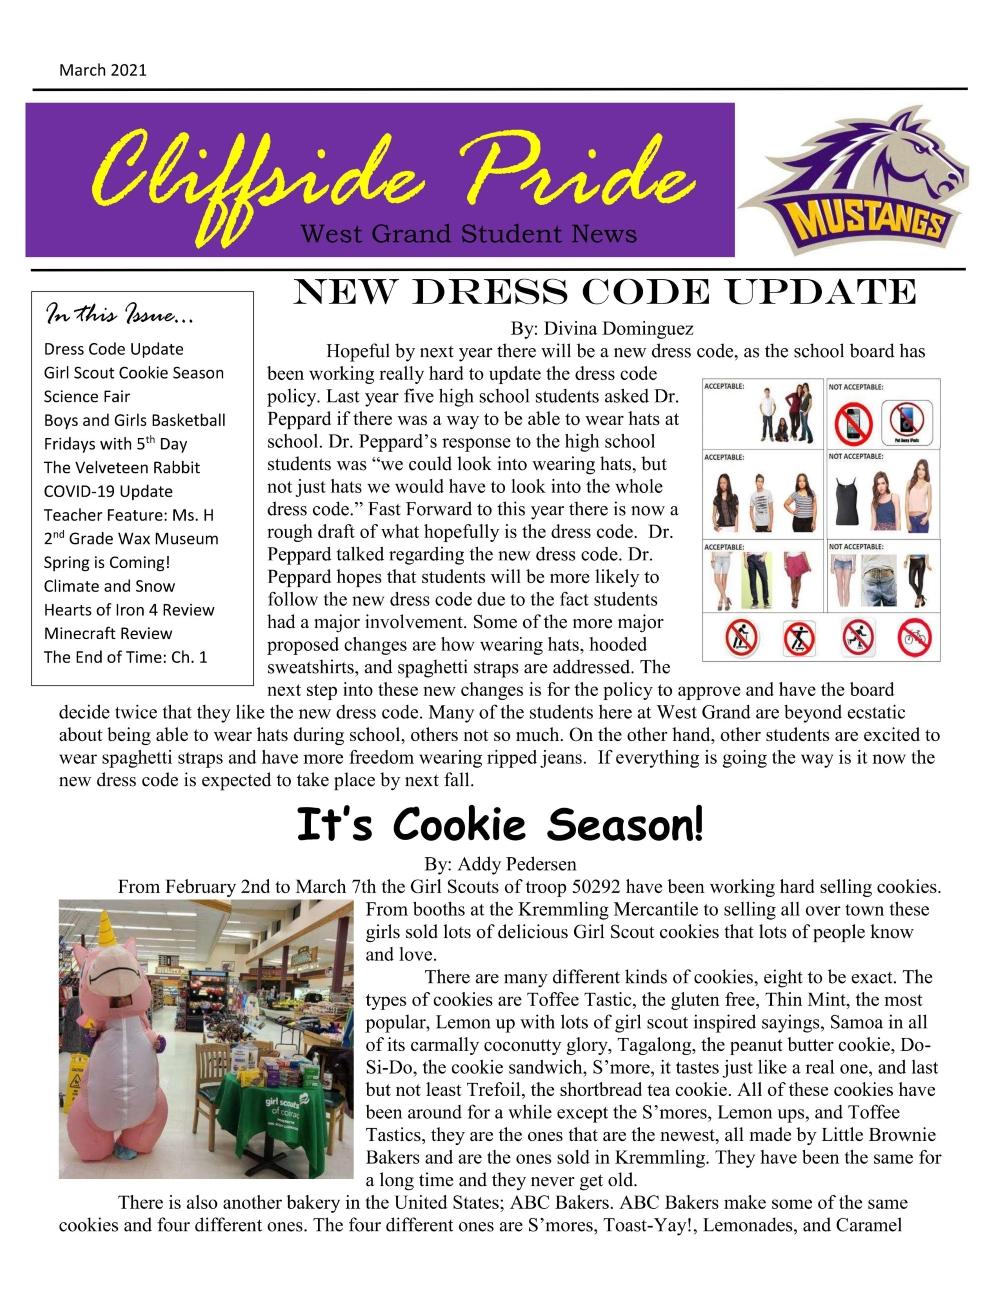 Cliffside Pride pg 1